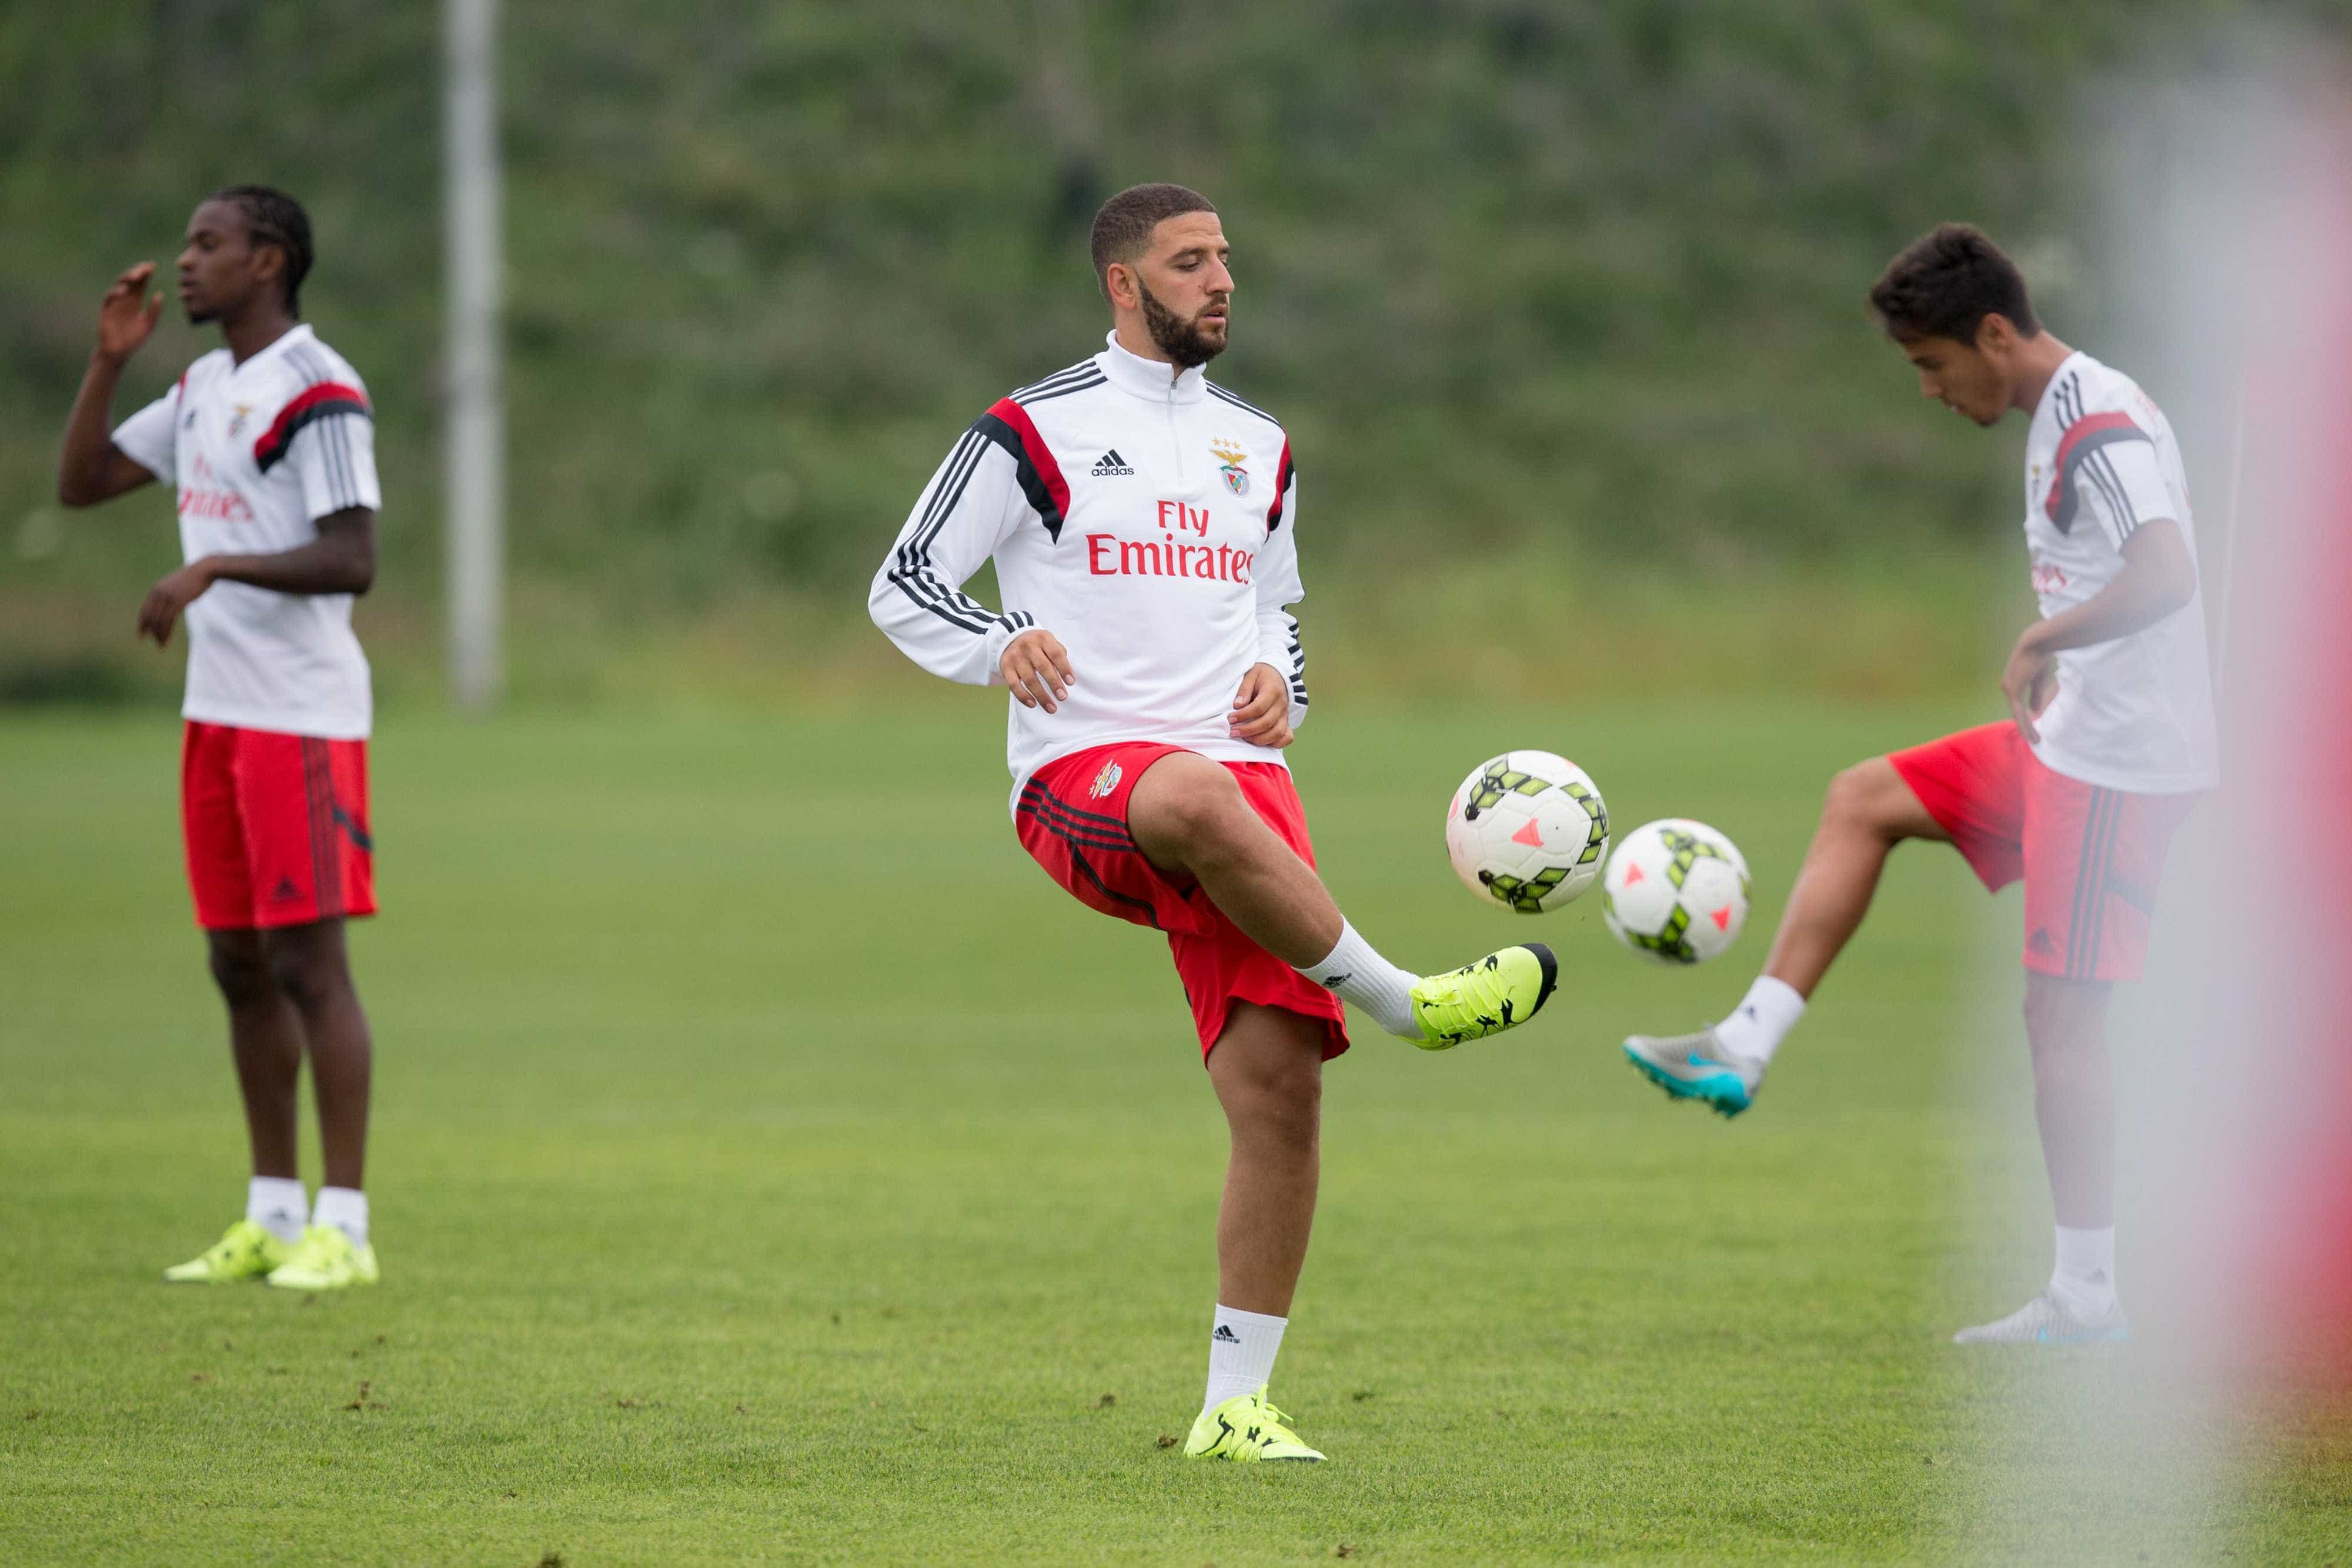 Bruno Lage promove uma grande surpresa no treino do Benfica